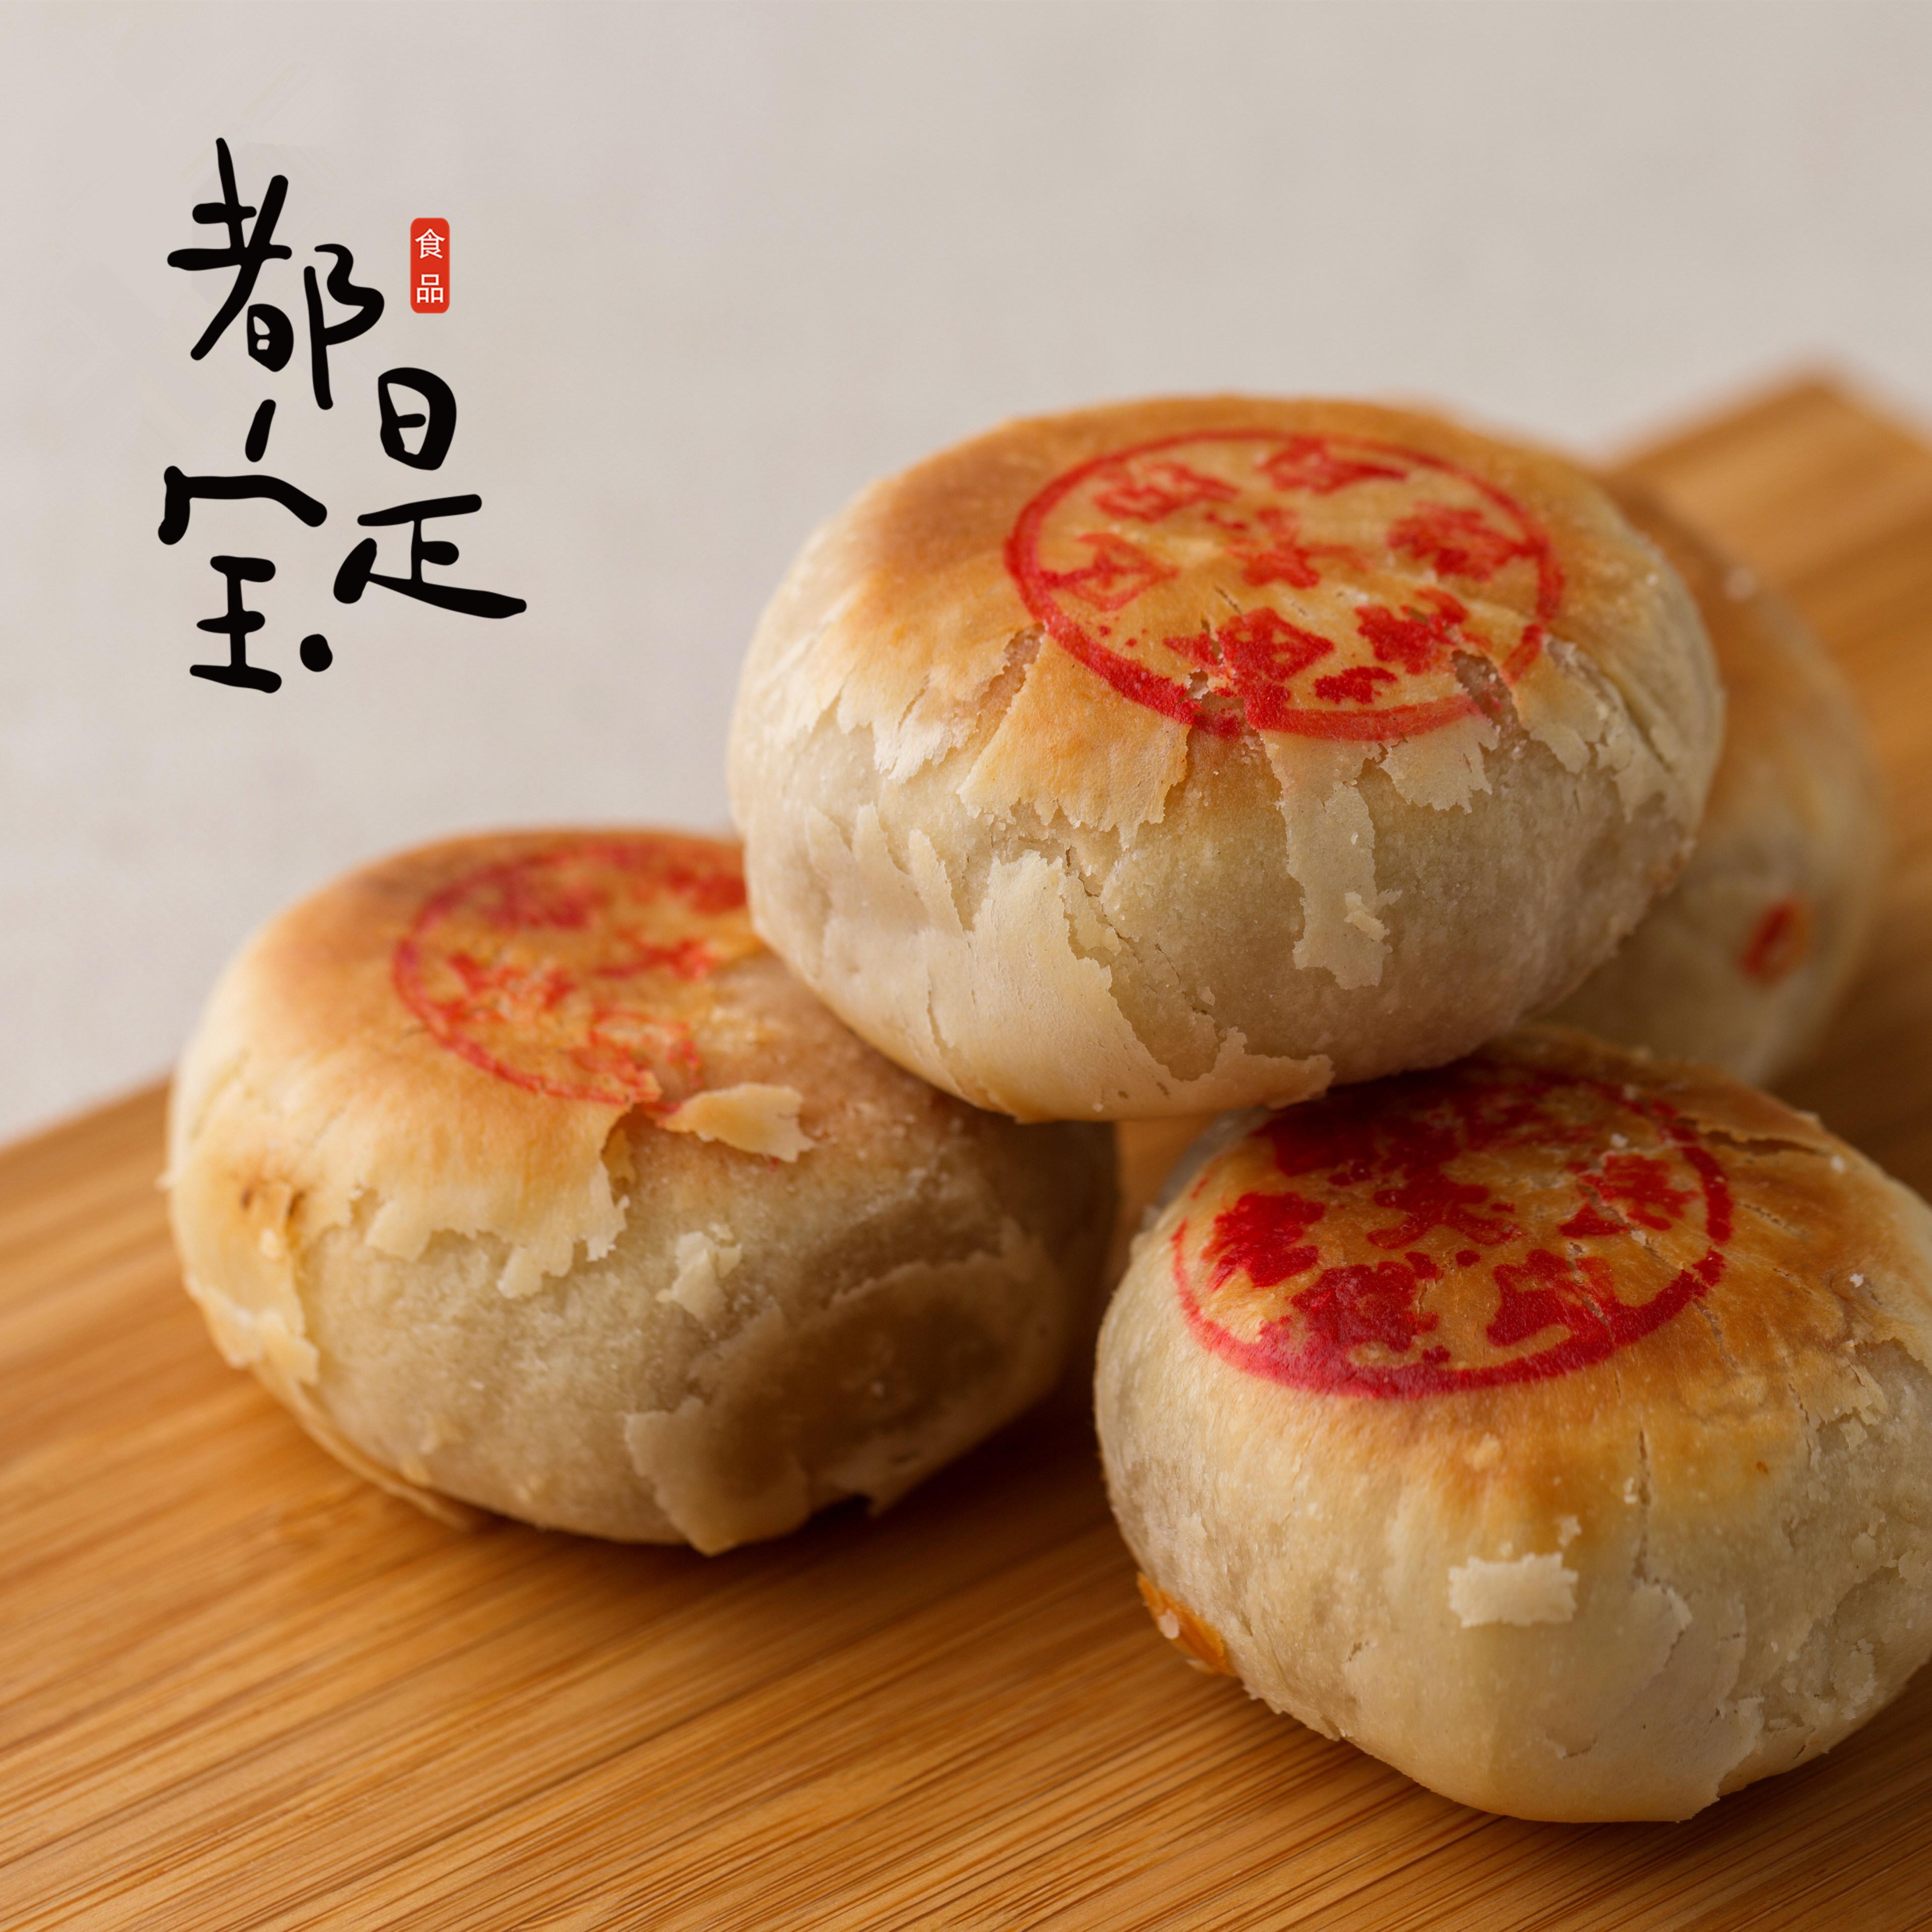 上海特产鲜肉月饼西区老大房12枚当天现烤真空老字号礼盒包顺丰图片